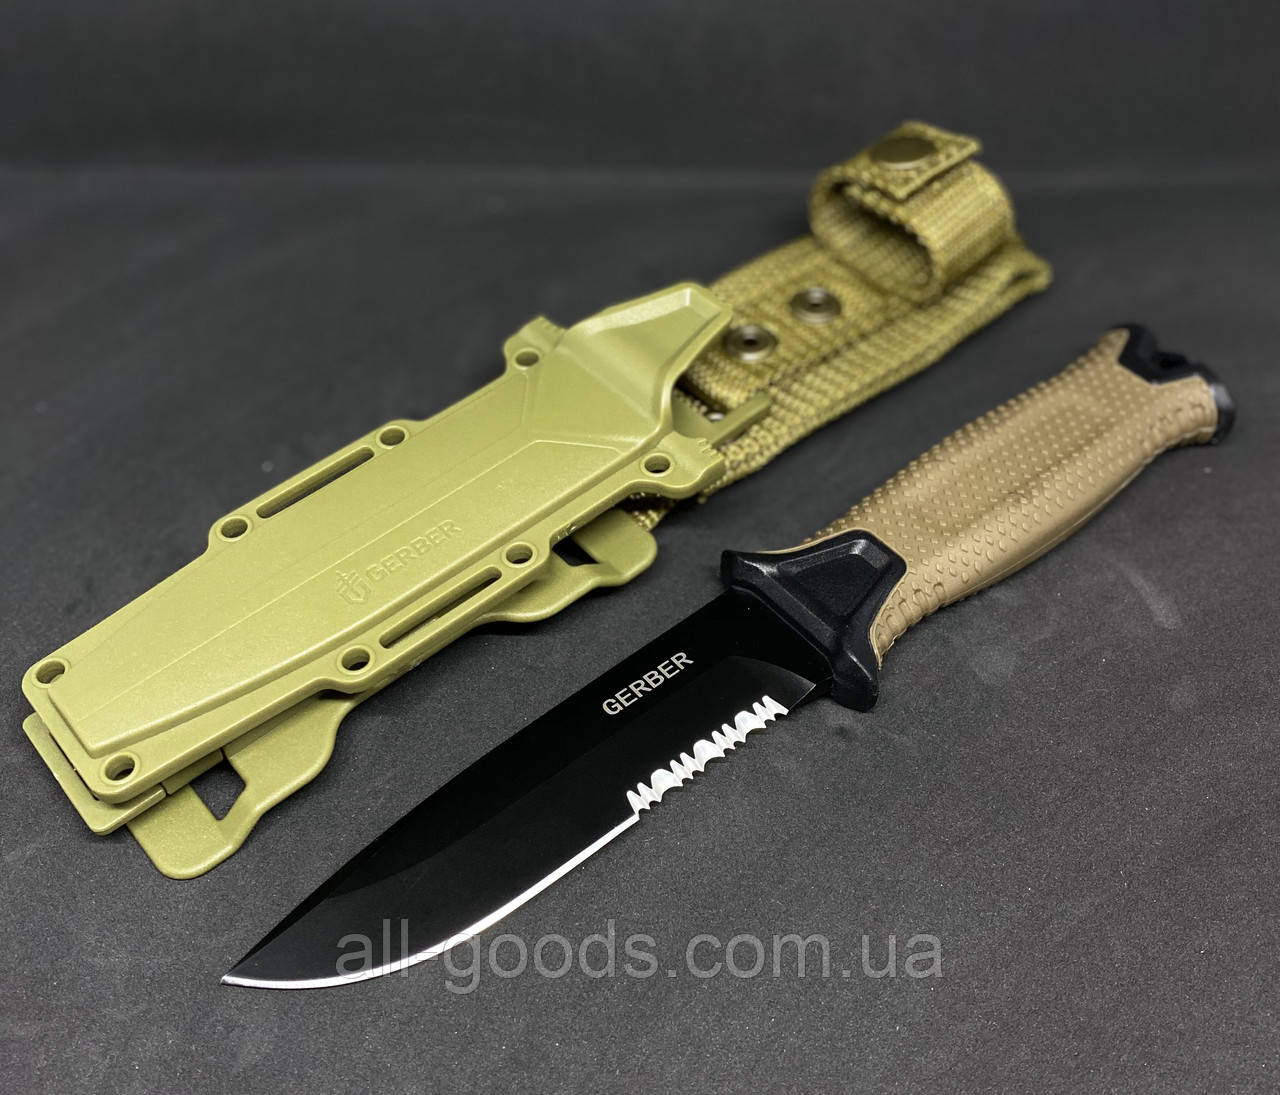 Тактичний ніж Gerber 810. Ніж для полювання, риболовлі та туризму. Мисливський ніж. Ніж для виживання. Ніж в